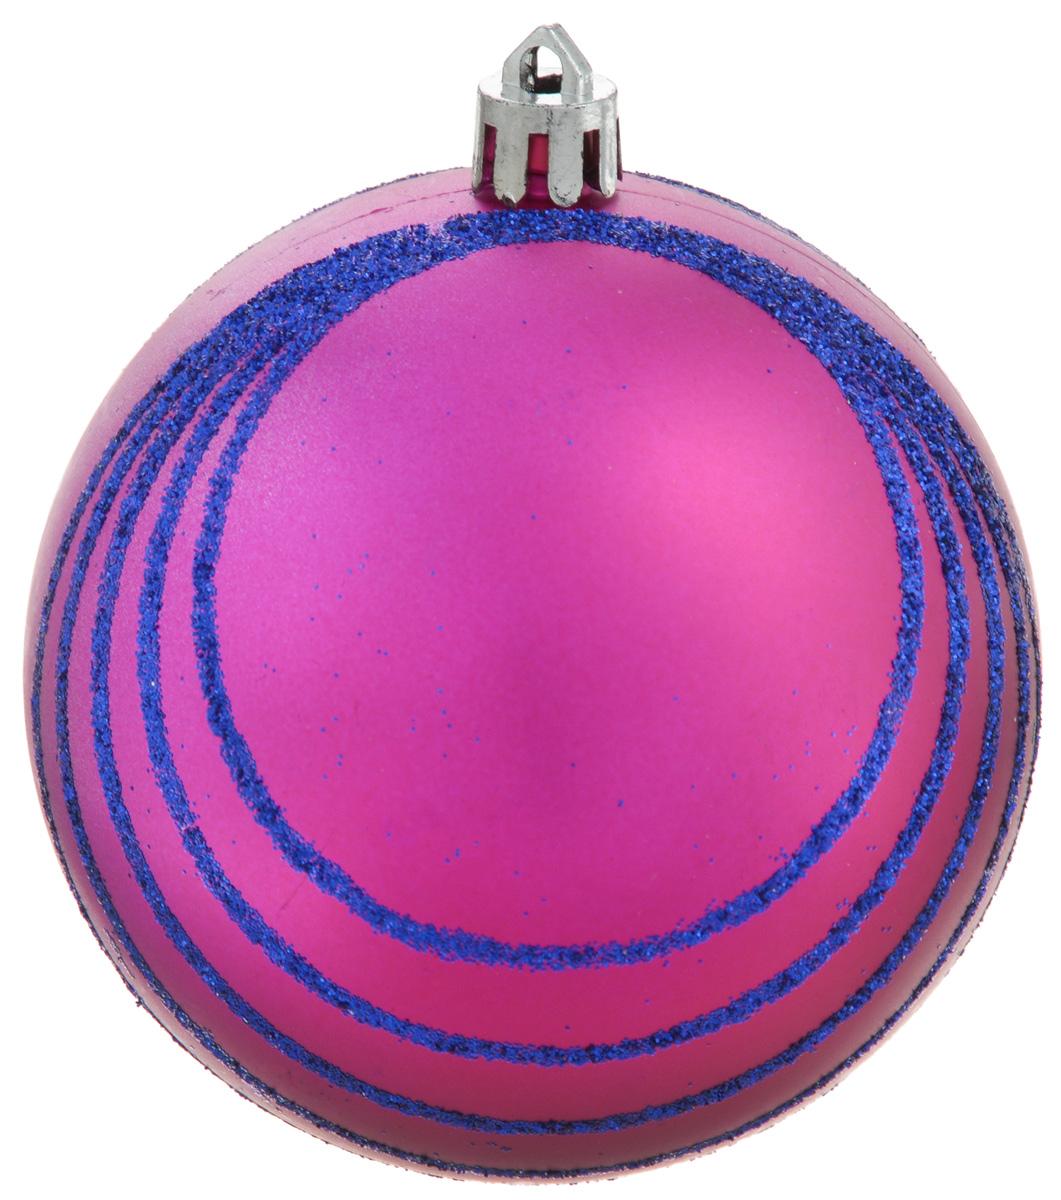 Украшение новогоднее подвесное Winter Wings Шар. Полоски, диаметр 8 смN181834Украшение новогоднее подвесное Winter Wings Шар. Полоски прекрасно подойдет для праздничного декора новогодней ели. Изделие выполнено из пластика и декорировано полосками из блесток. Для удобного размещения на елке предусмотрено отверстие для текстильной веревочки. Елочная игрушка - символ Нового года. Она несет в себе волшебство и красоту праздника. Создайте в своем доме атмосферу веселья и радости, украшая новогоднюю елку нарядными игрушками, которые будут из года в год накапливать теплоту воспоминаний.